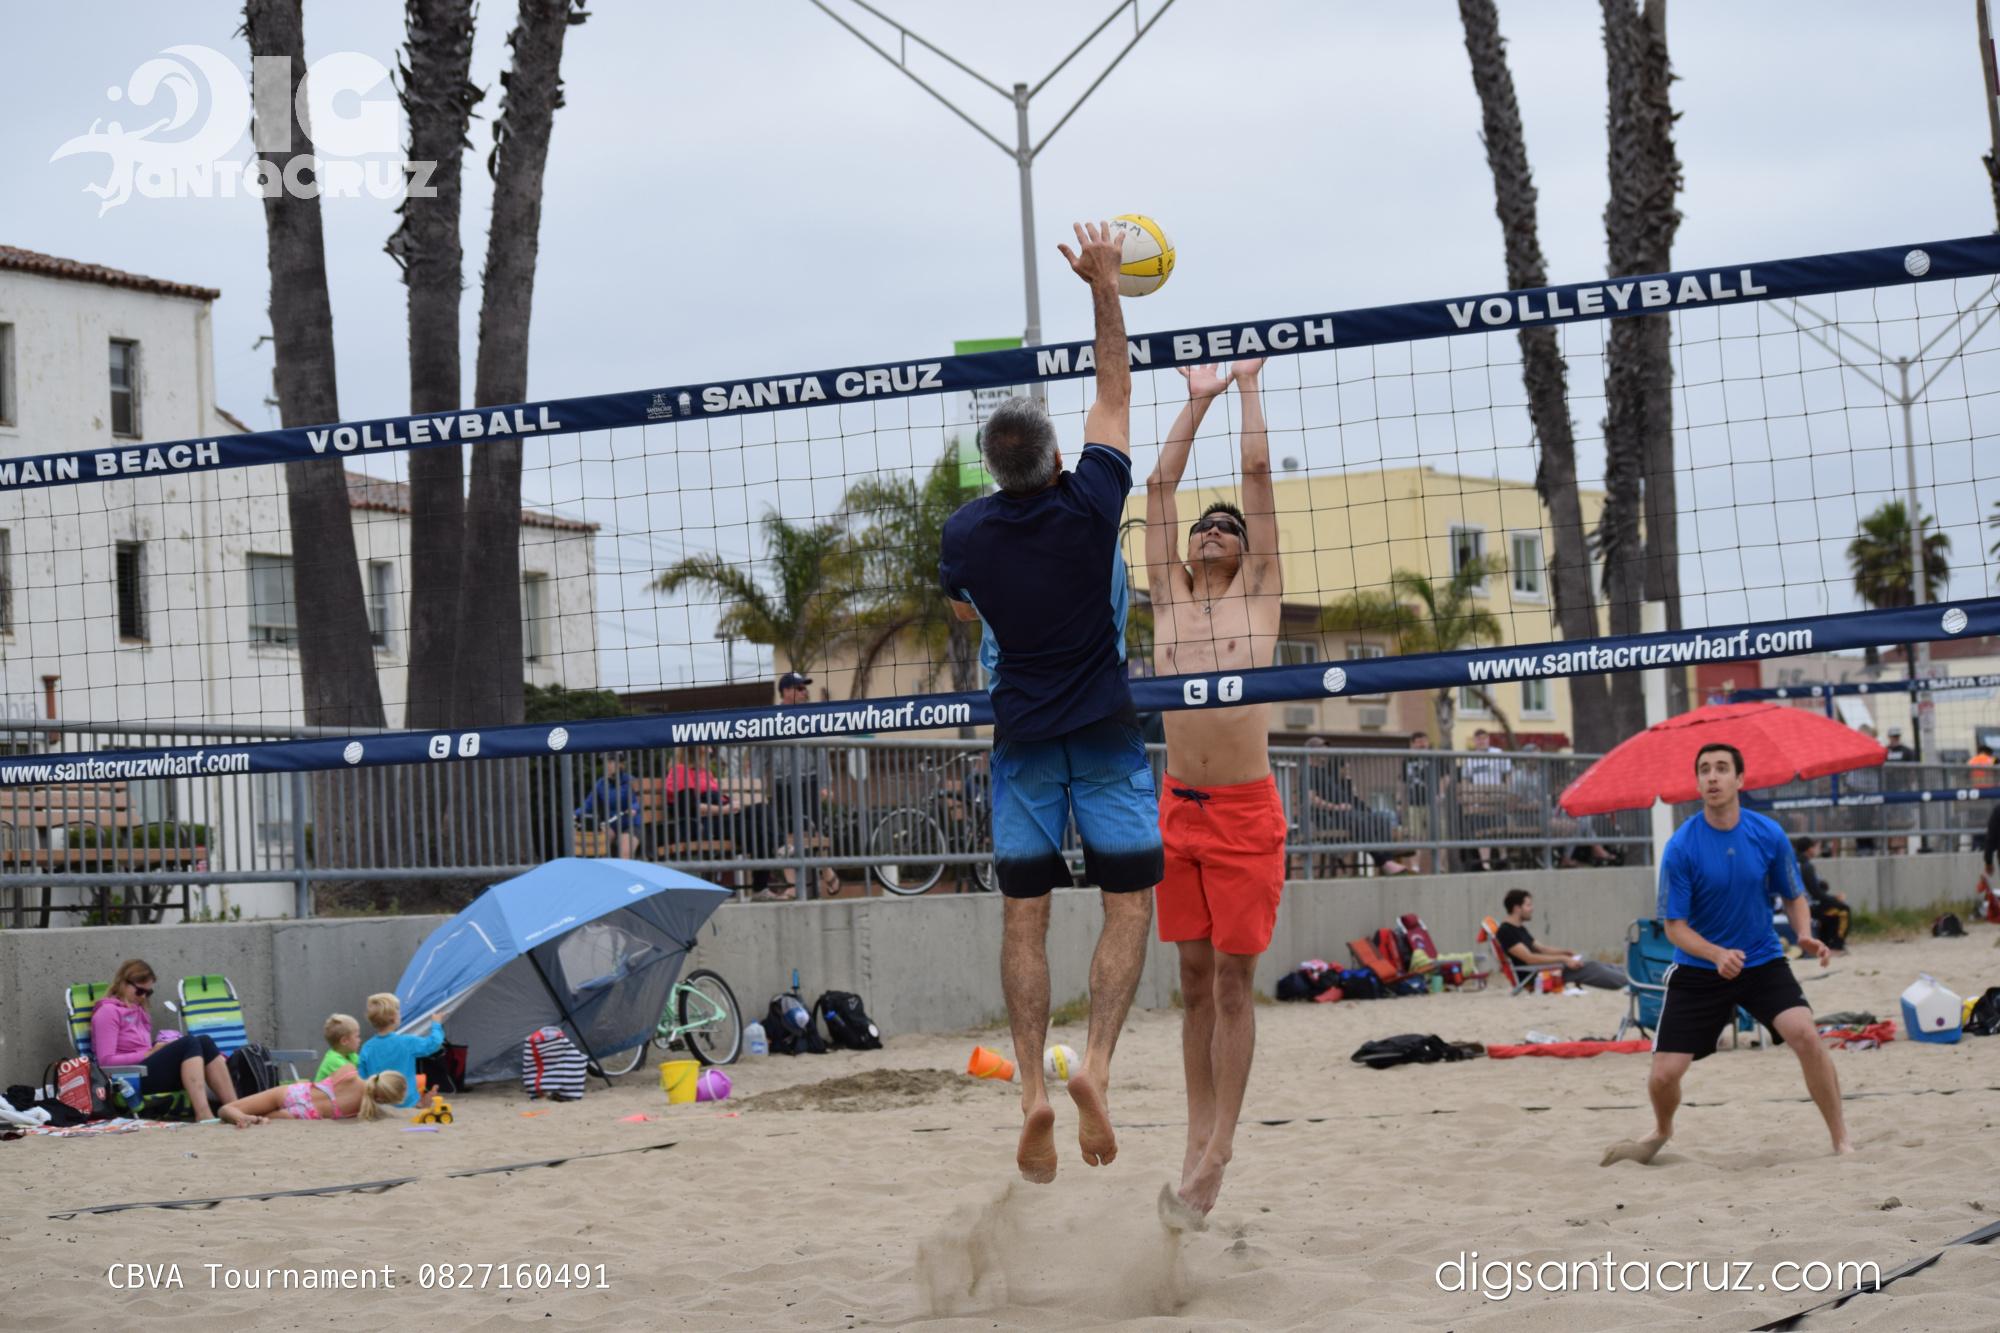 8.27.16 CBVA Tournament 491.jpg